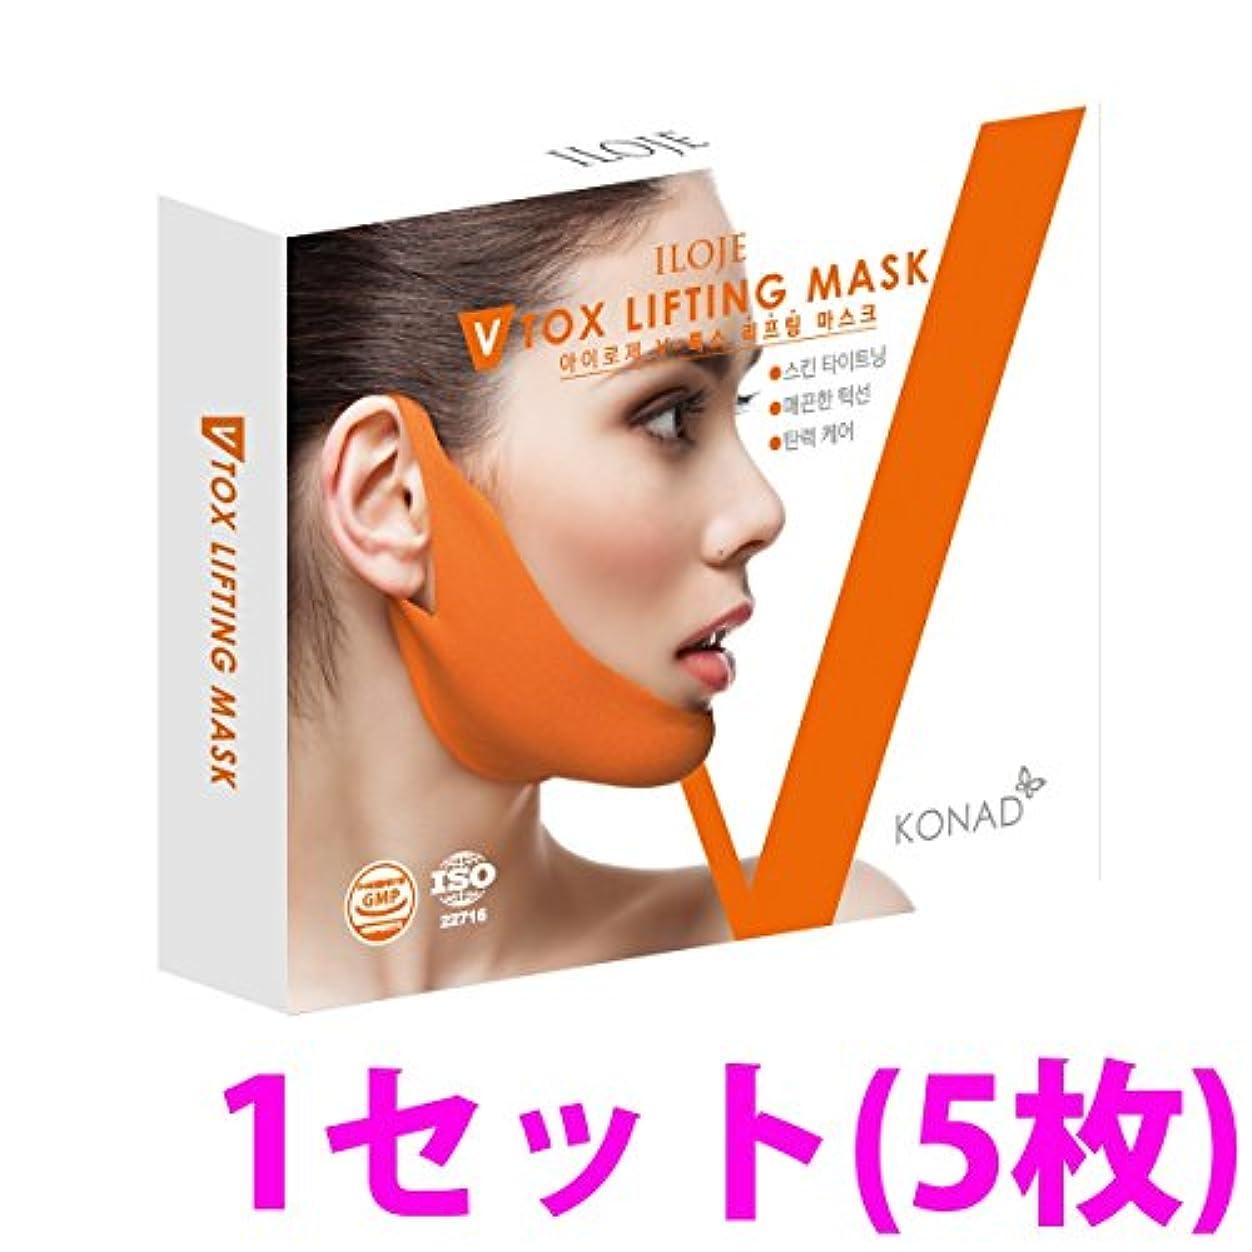 取り戻すパケットフィットネス女性の年齢は顎の輪郭で決まる!V-TOXリフティングマスクパック 1セット(5枚)